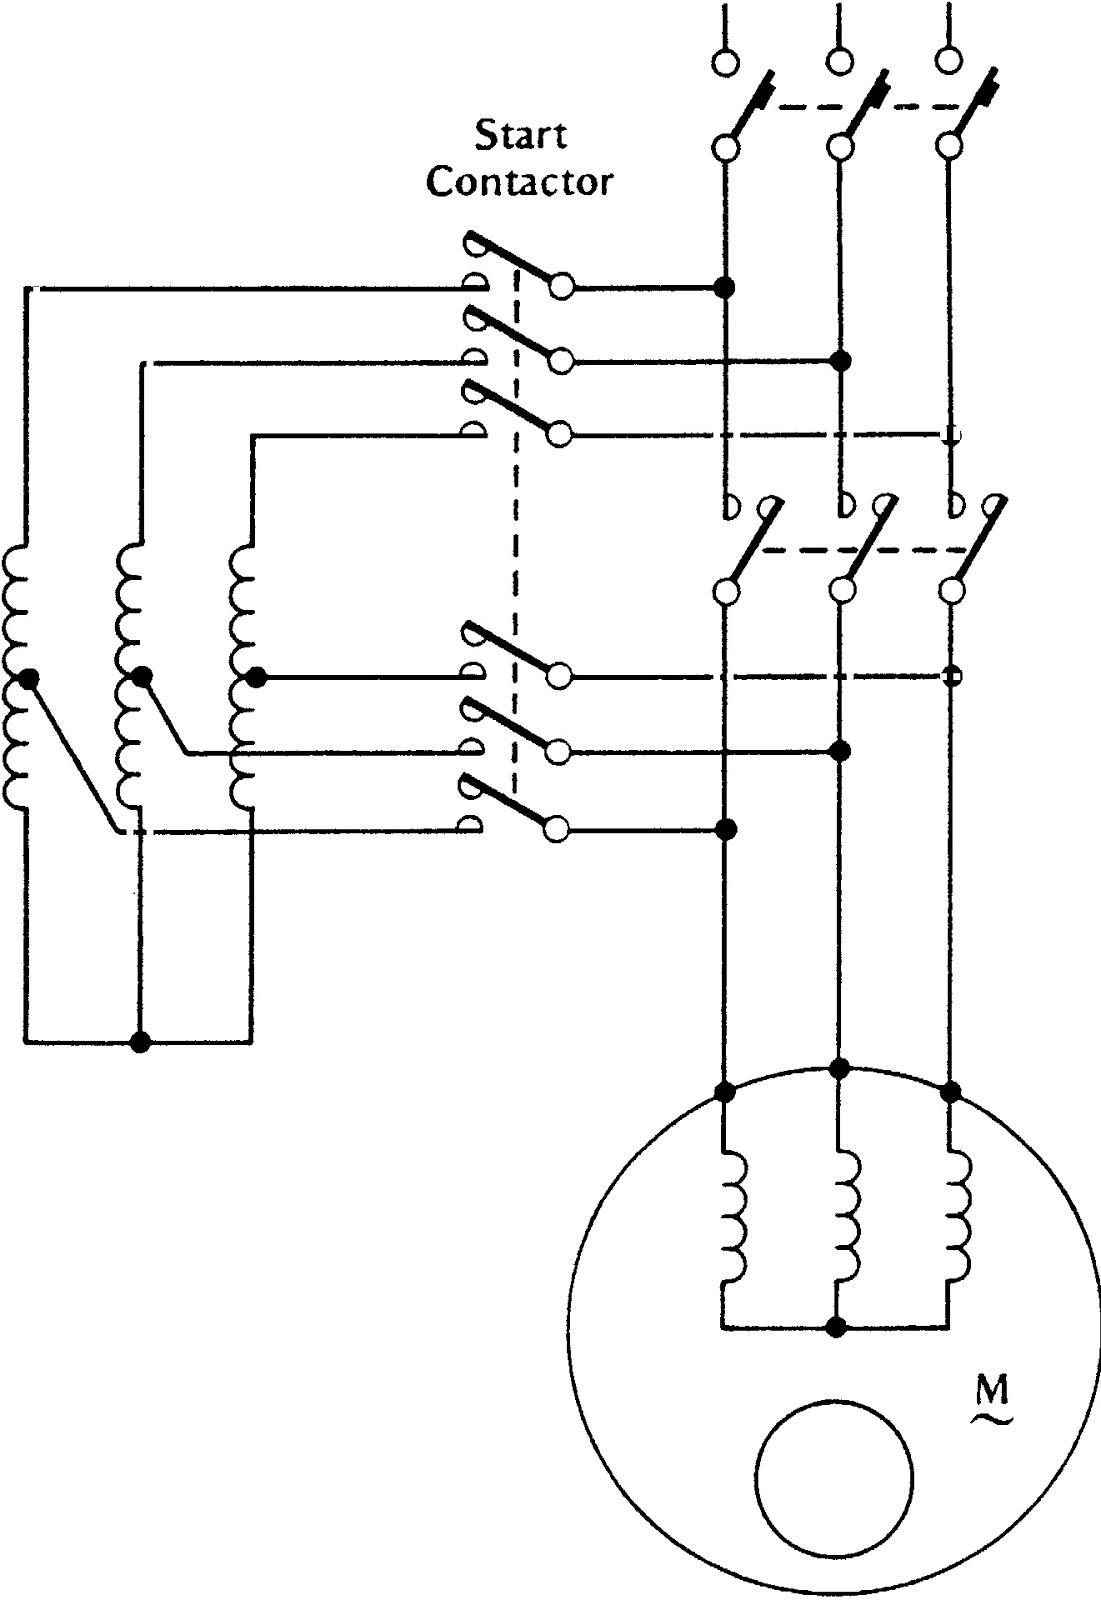 autotransformer starter wiring diagram